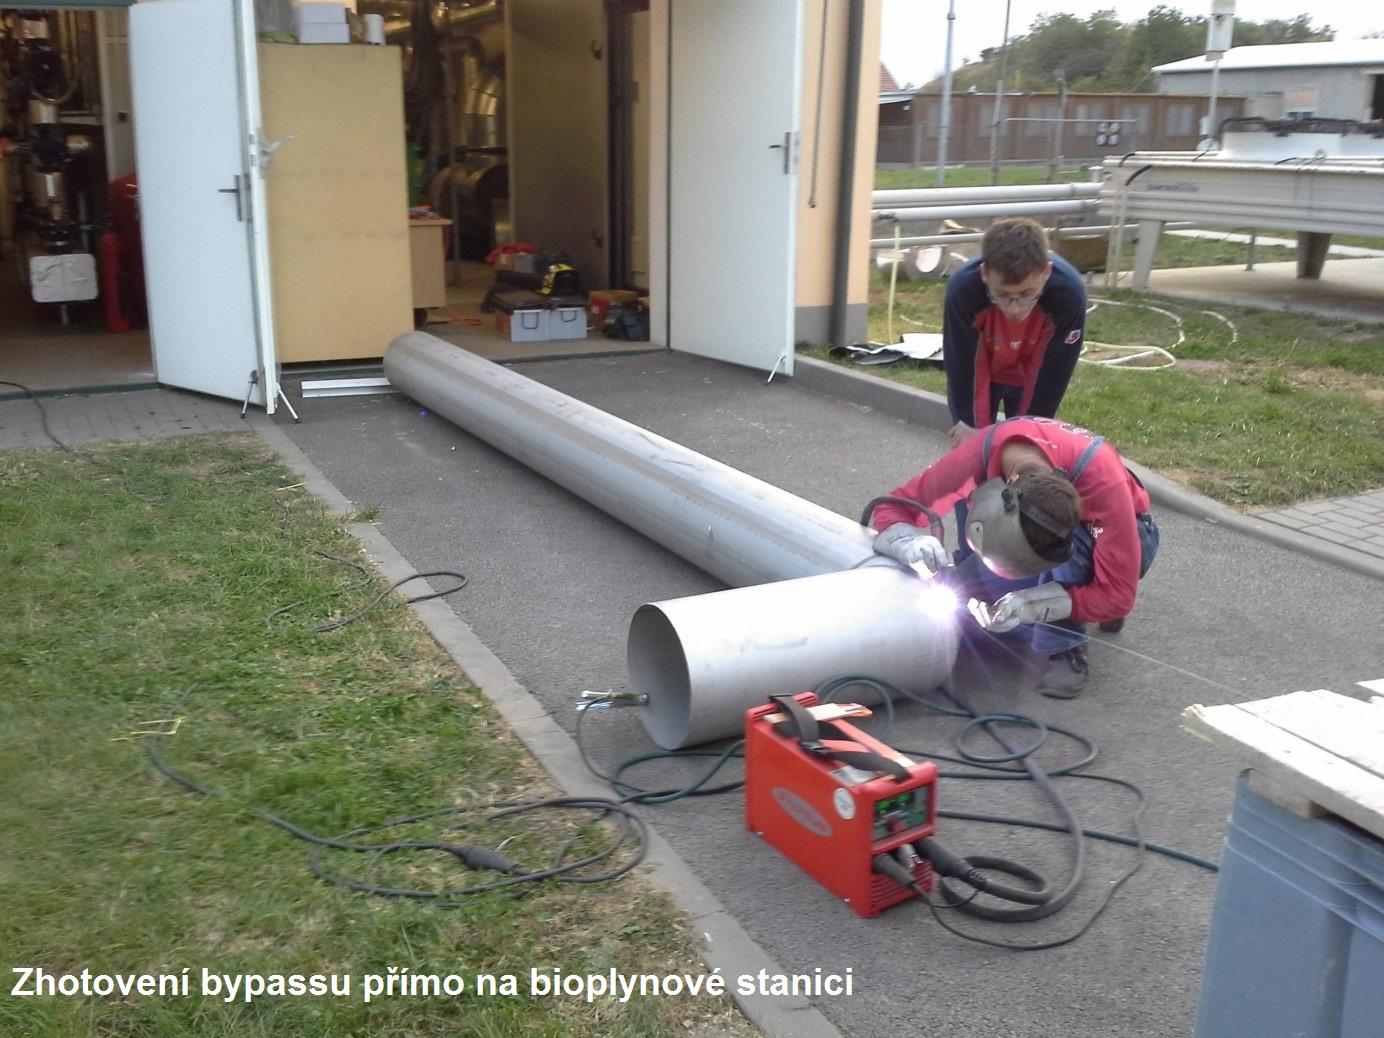 Obchvat spalinového výměníku (bypass) = snížení elektrické spotřeby Vaší bioplynové stanice